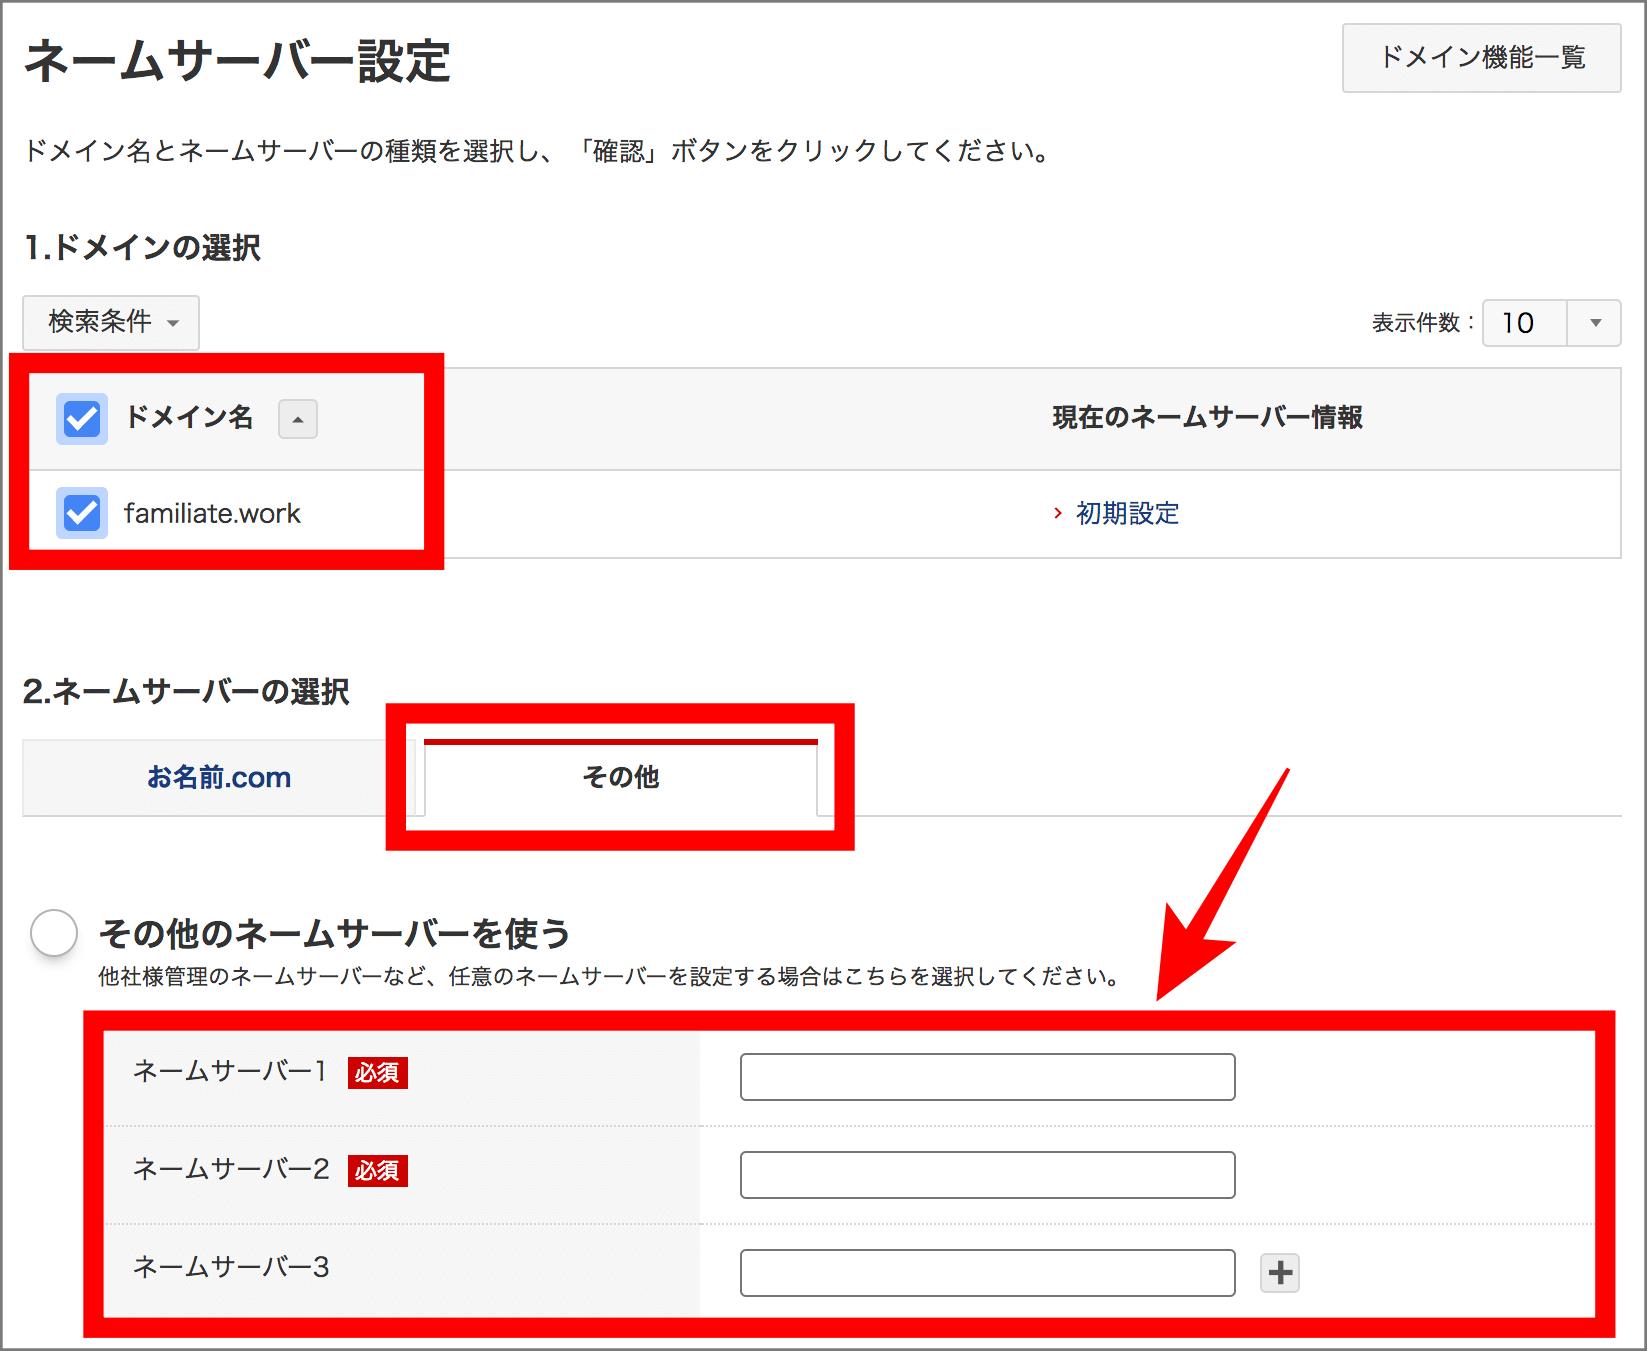 ネームサーバー選択